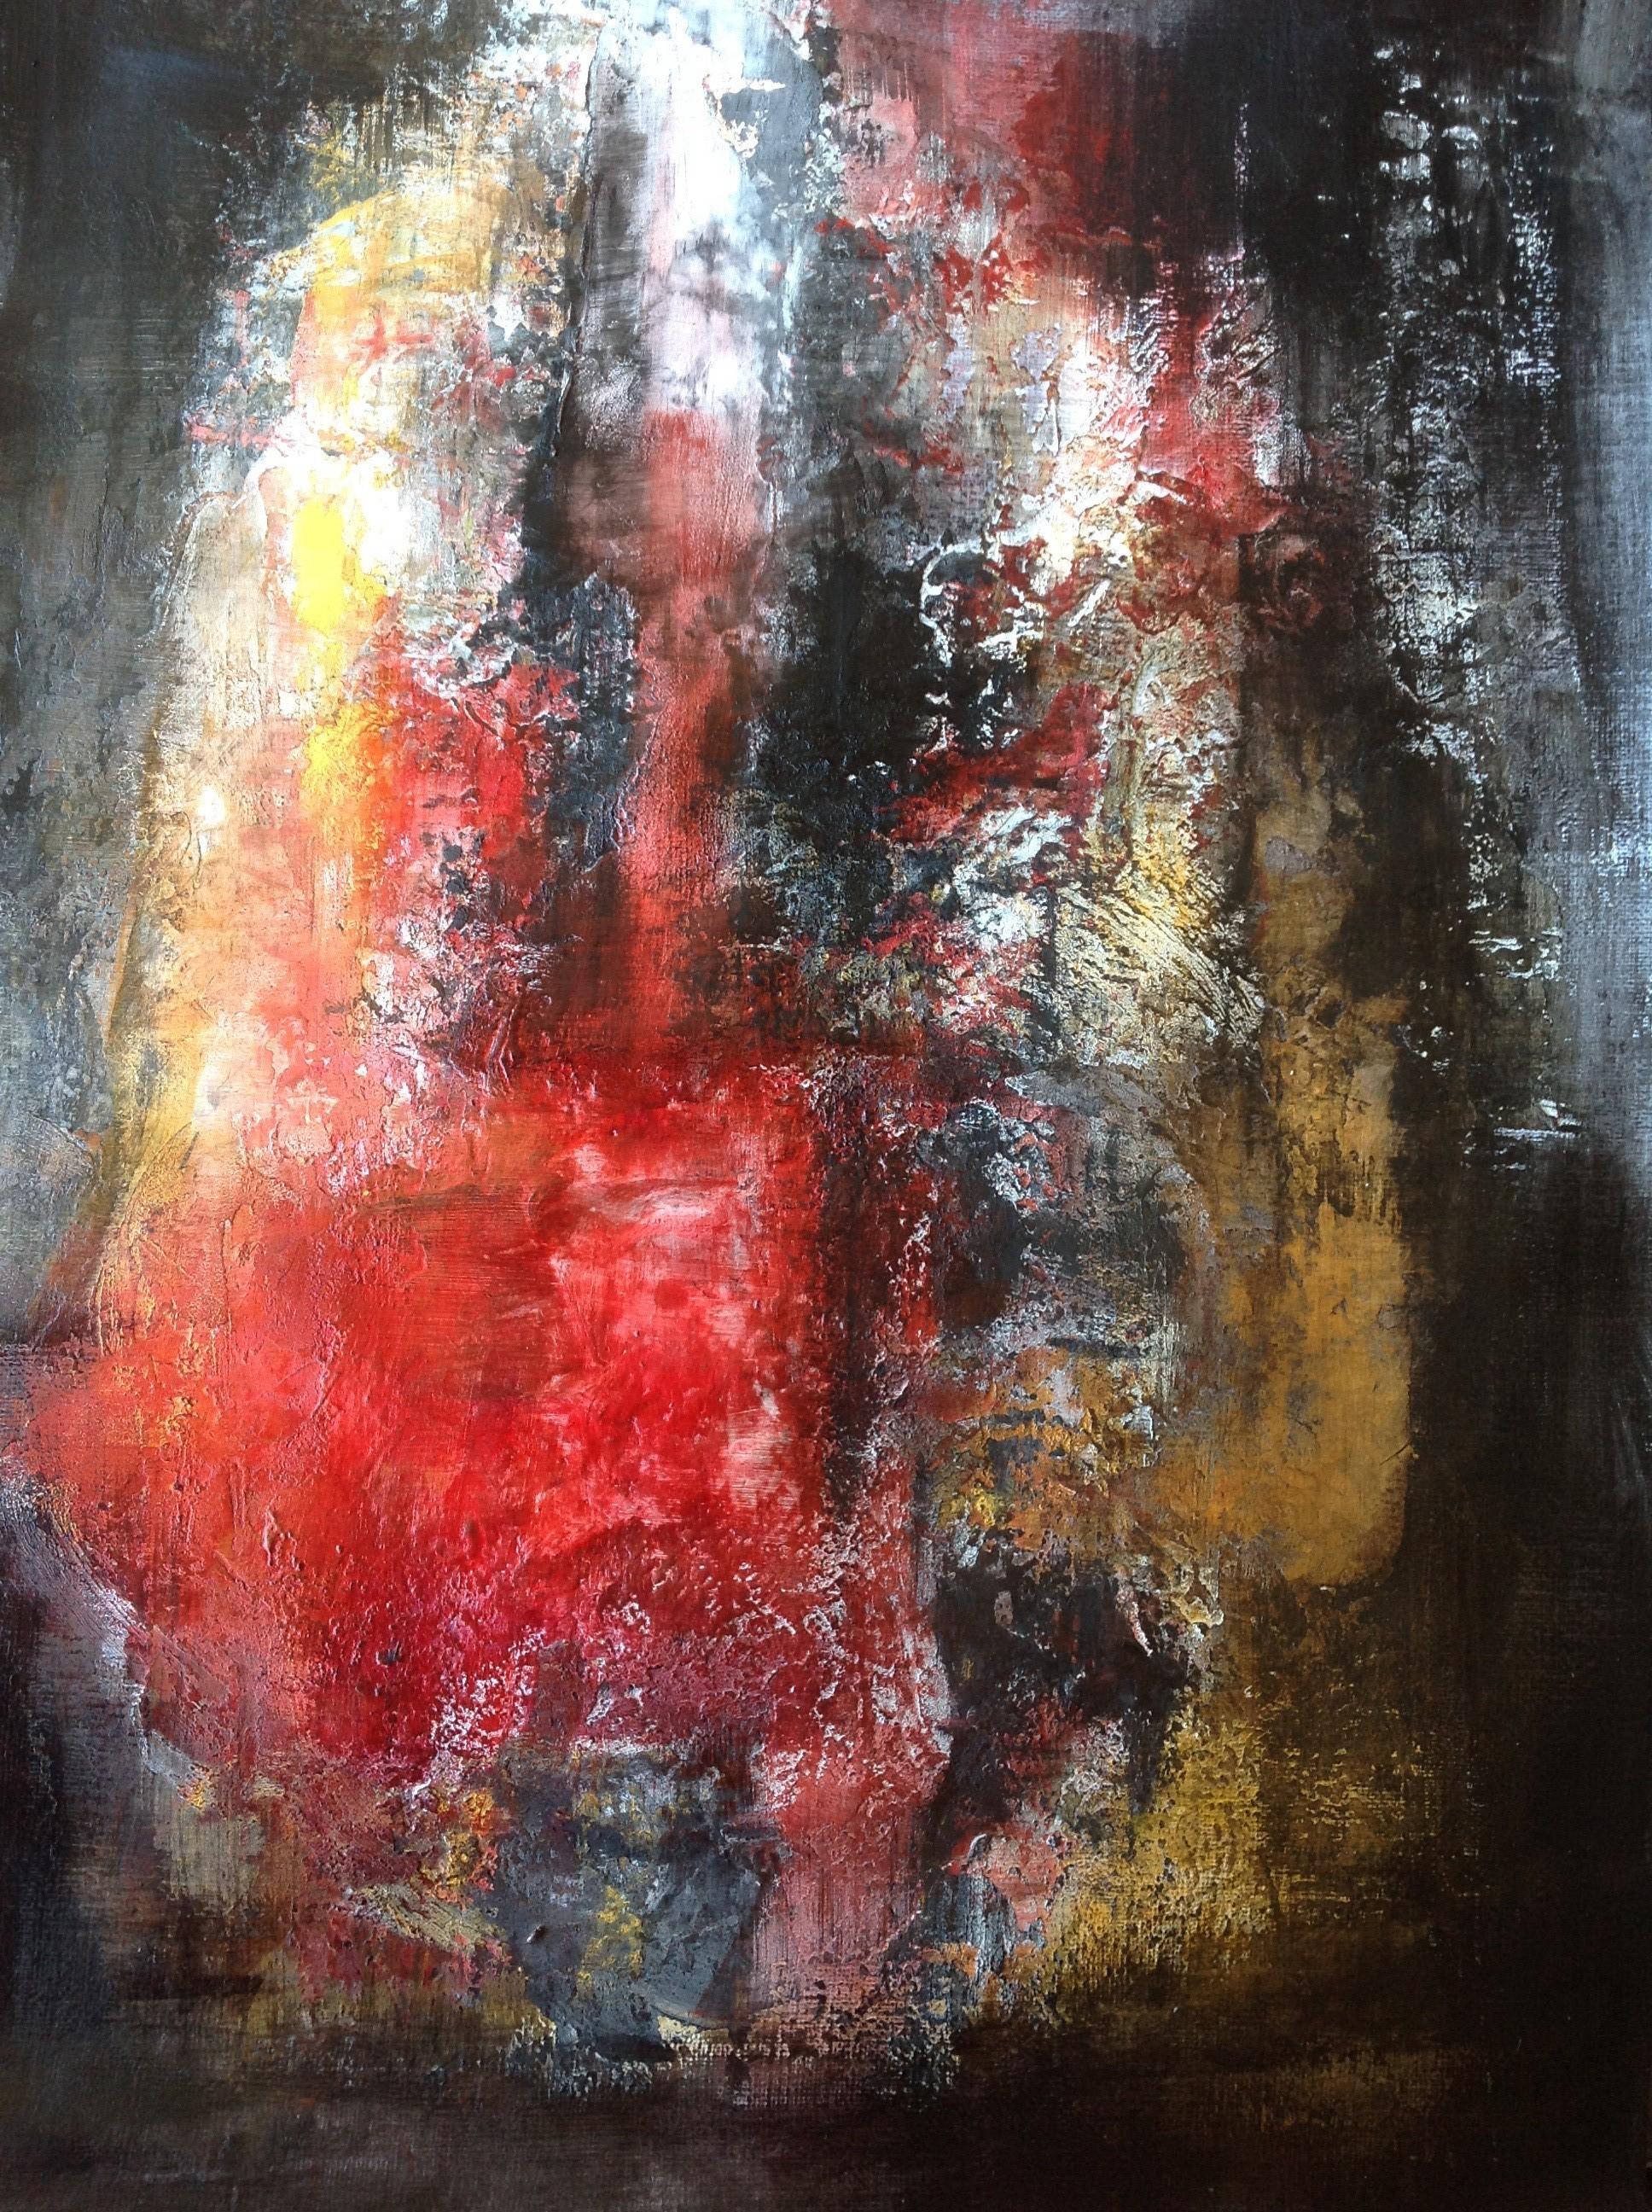 Mischtechnik, Pigment, Wandfarbe auf Acrylpapier 30 x 42